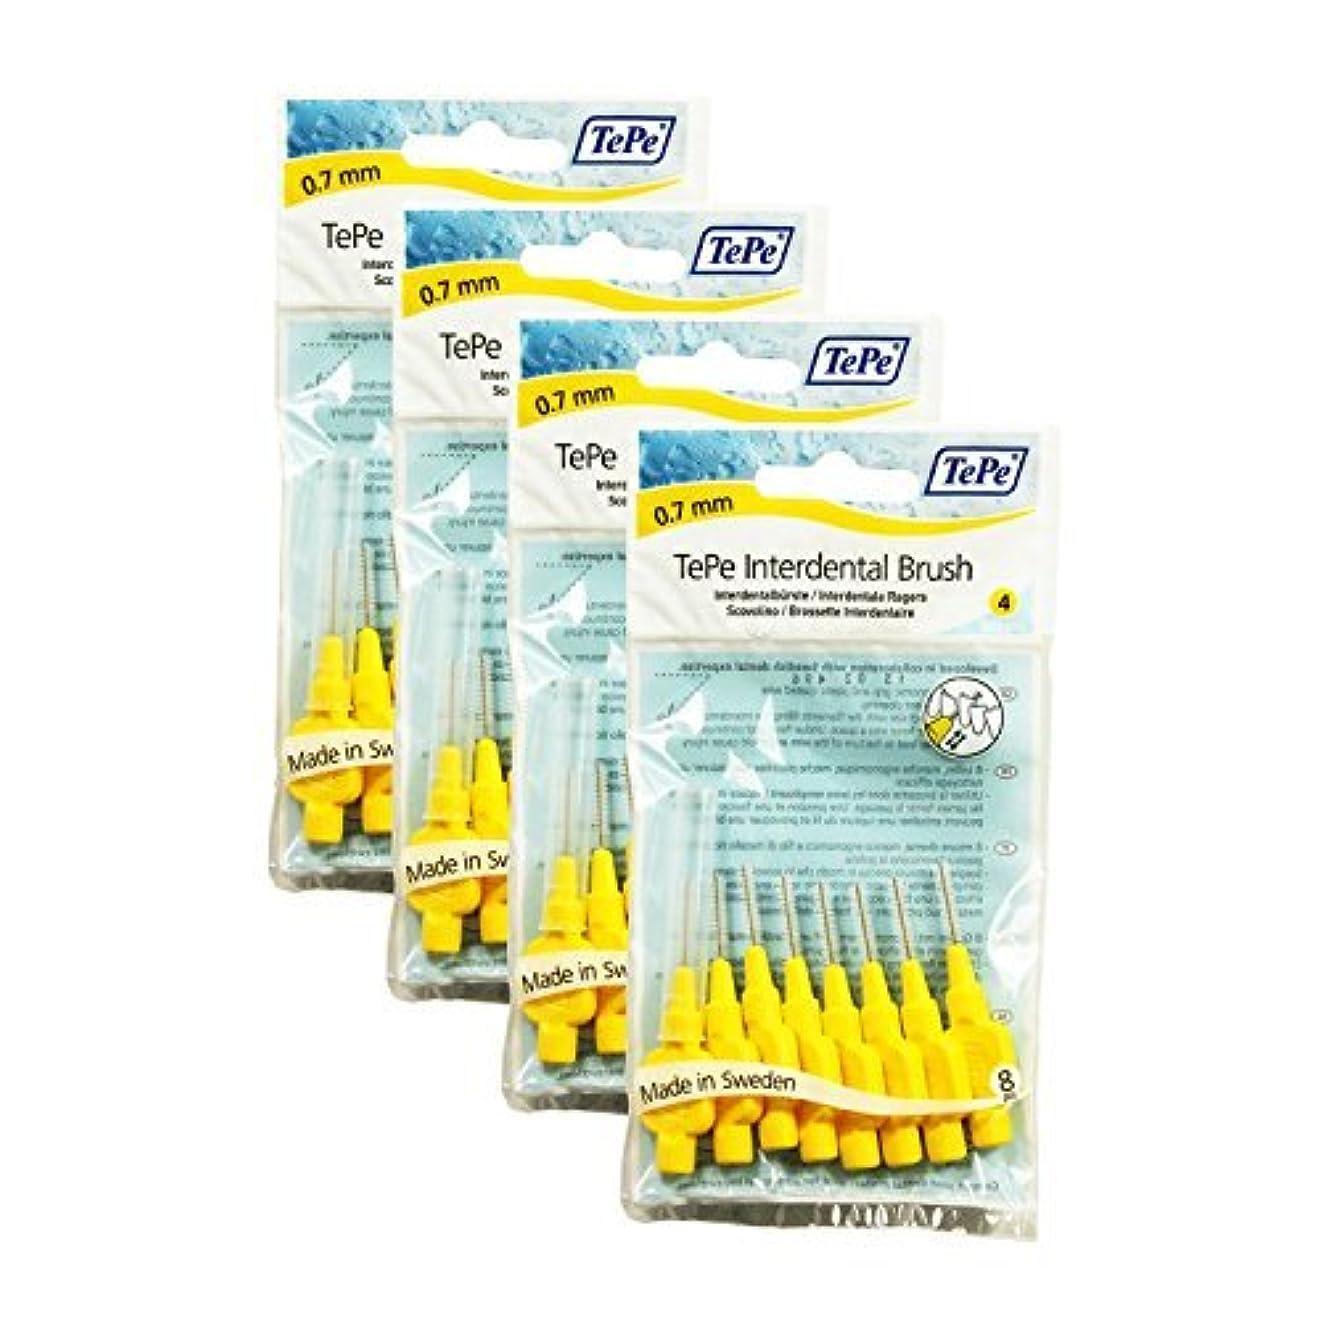 私たち自身同等の債務Tepe Interdental Brushes Yellow 0.7mm - One month supply - 32 Brushes by TePe